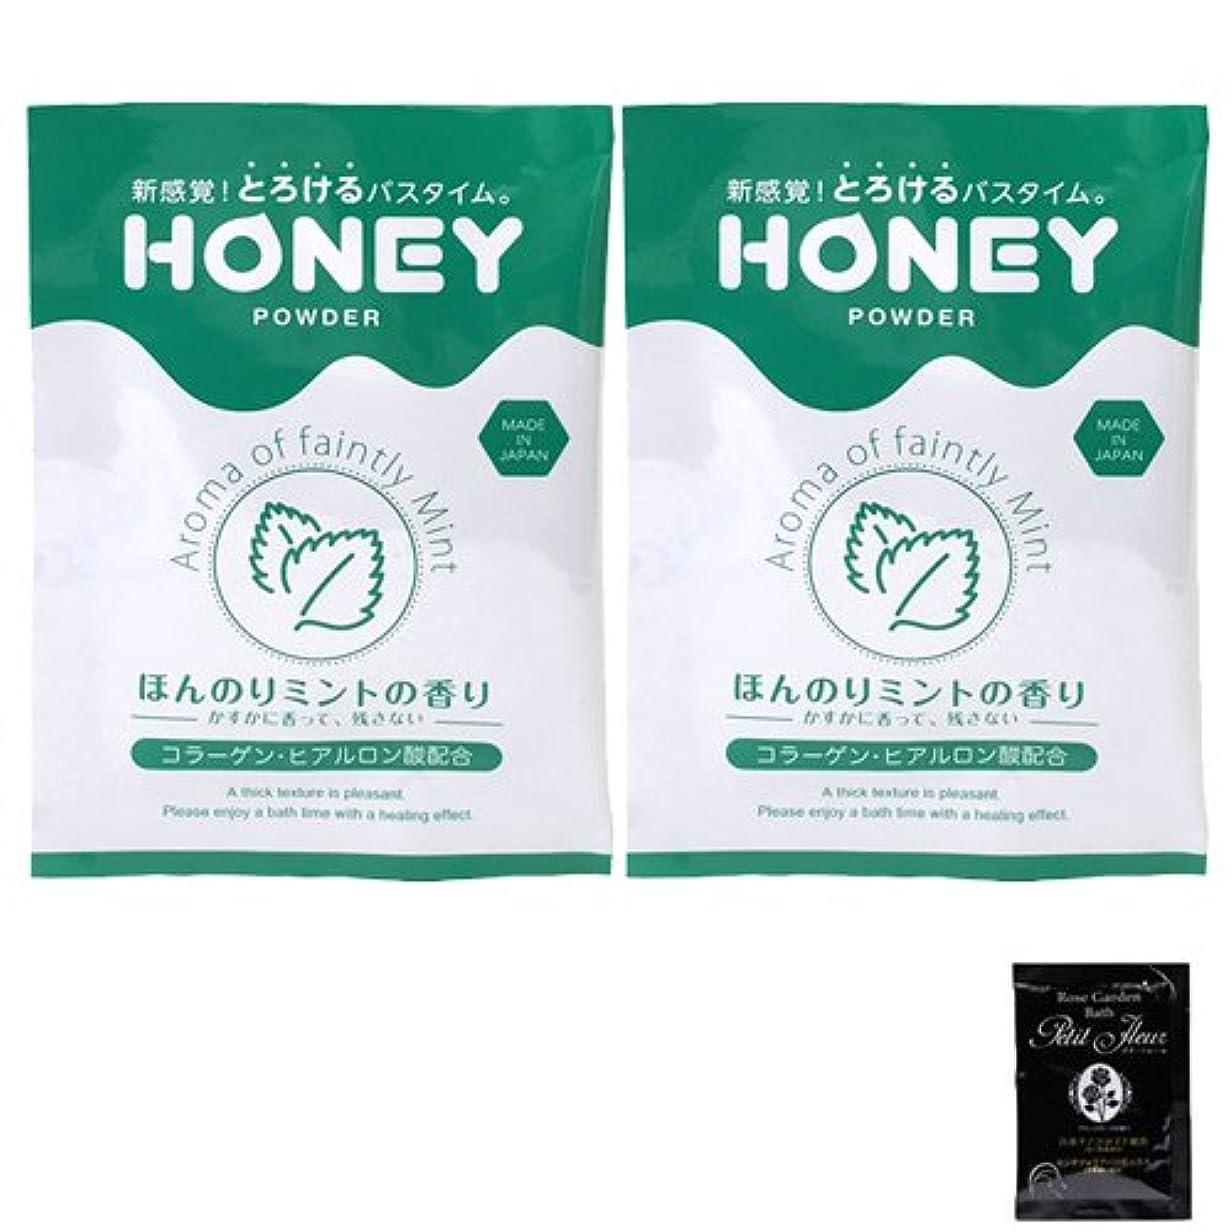 応用船酔いハプニング【honey powder】(ハニーパウダー) ほんのりミントの香り 粉末タイプ×2個 + 入浴剤プチフルール1回分セット